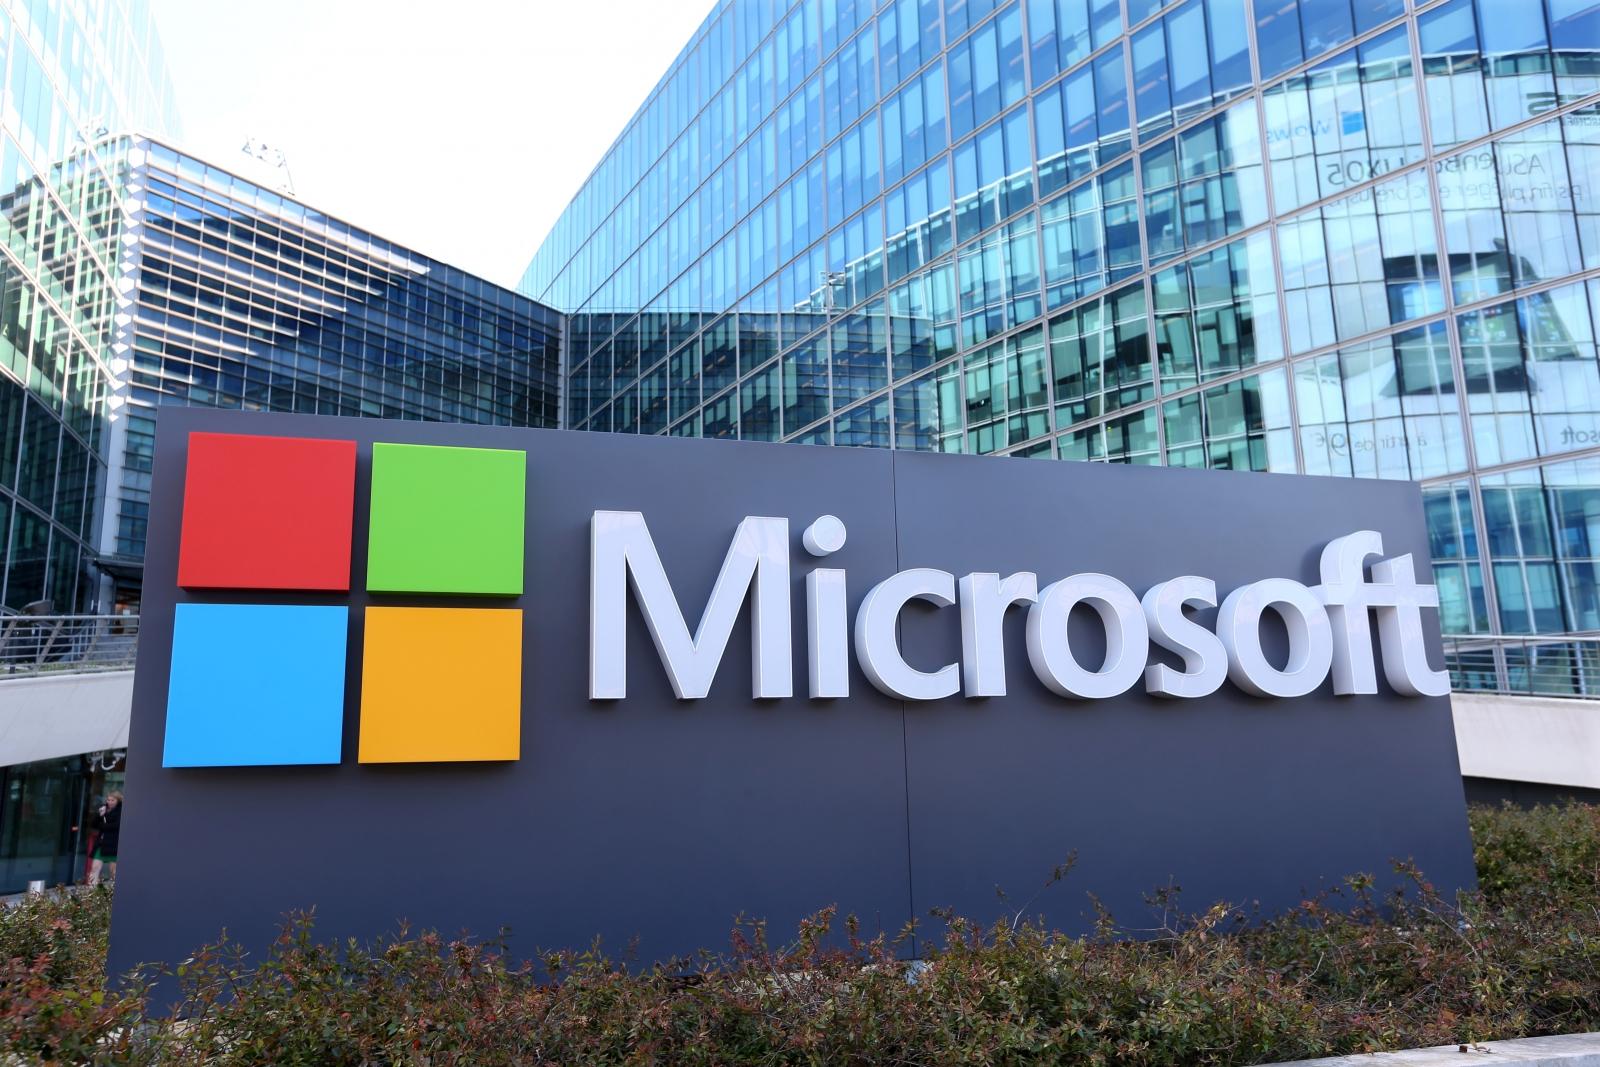 Como a Microsoft aprendeu com o passado a redesenhar seu futuro